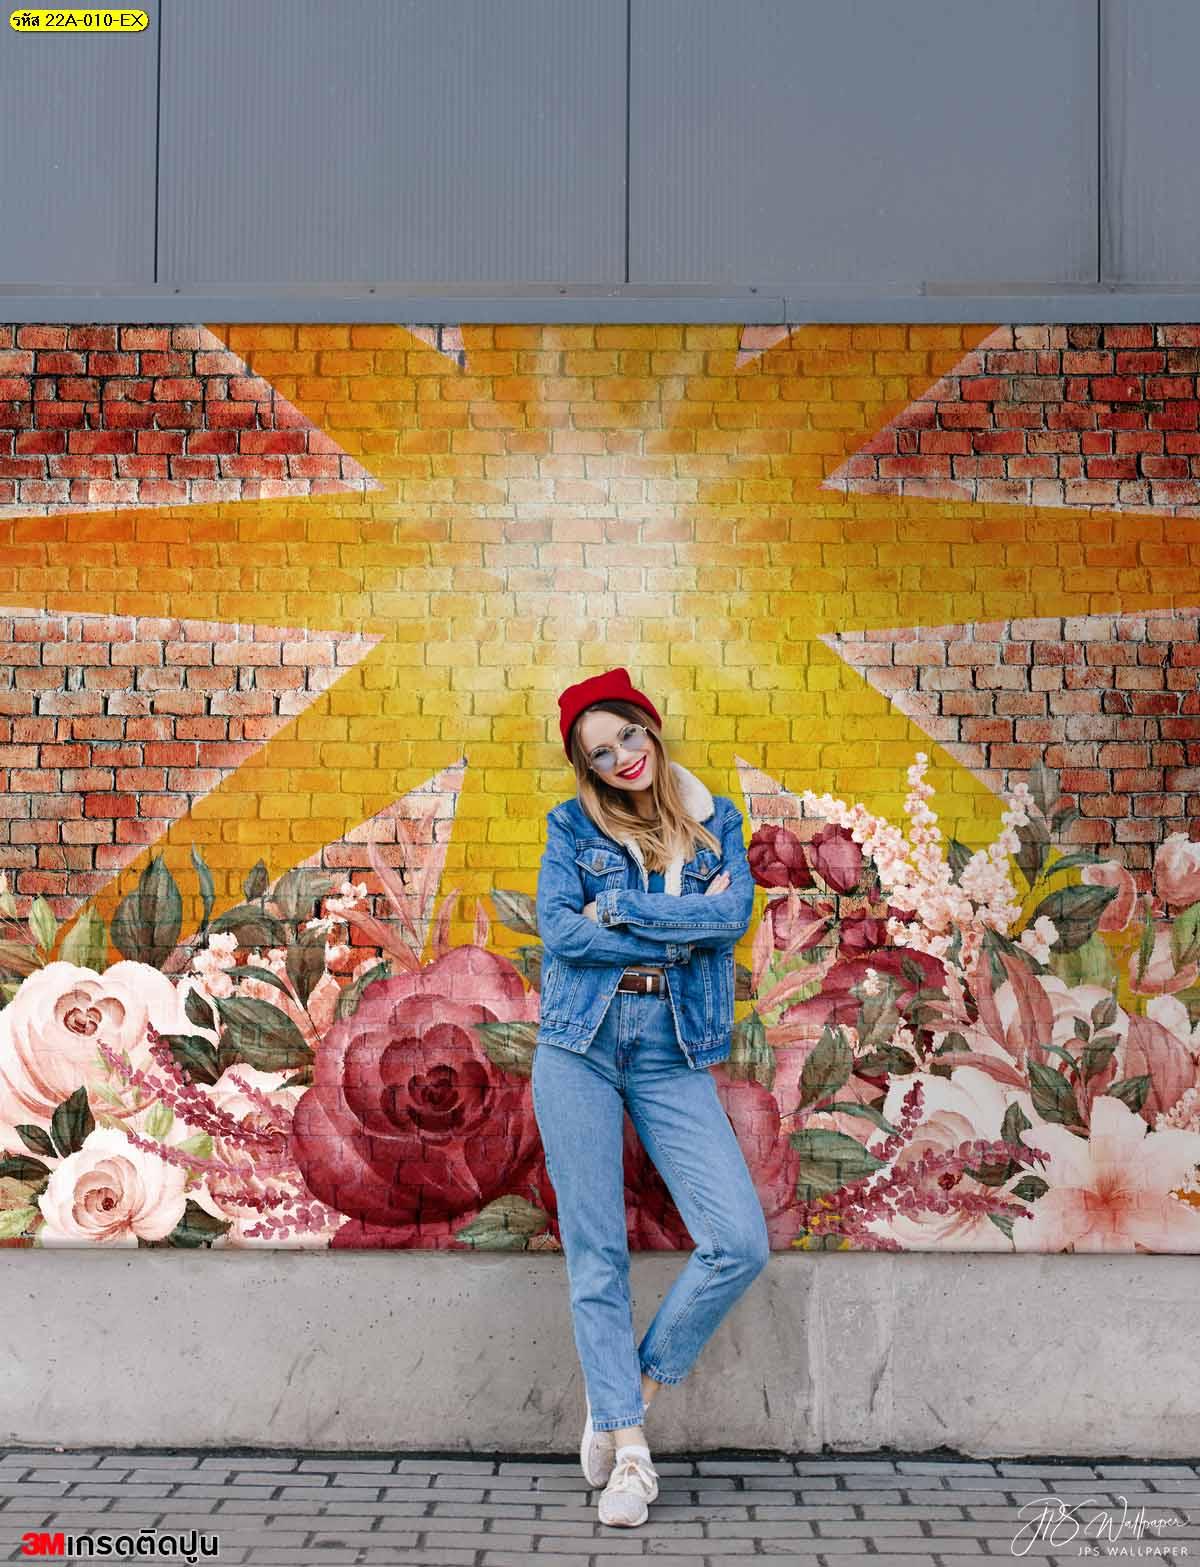 ภาพพิมพ์ลงบนสติ๊กเกอร์ สติ๊กเกอร์ติดผนังปูนลายดอกไม้ ทำฉากหลังติดหน้าร้าน